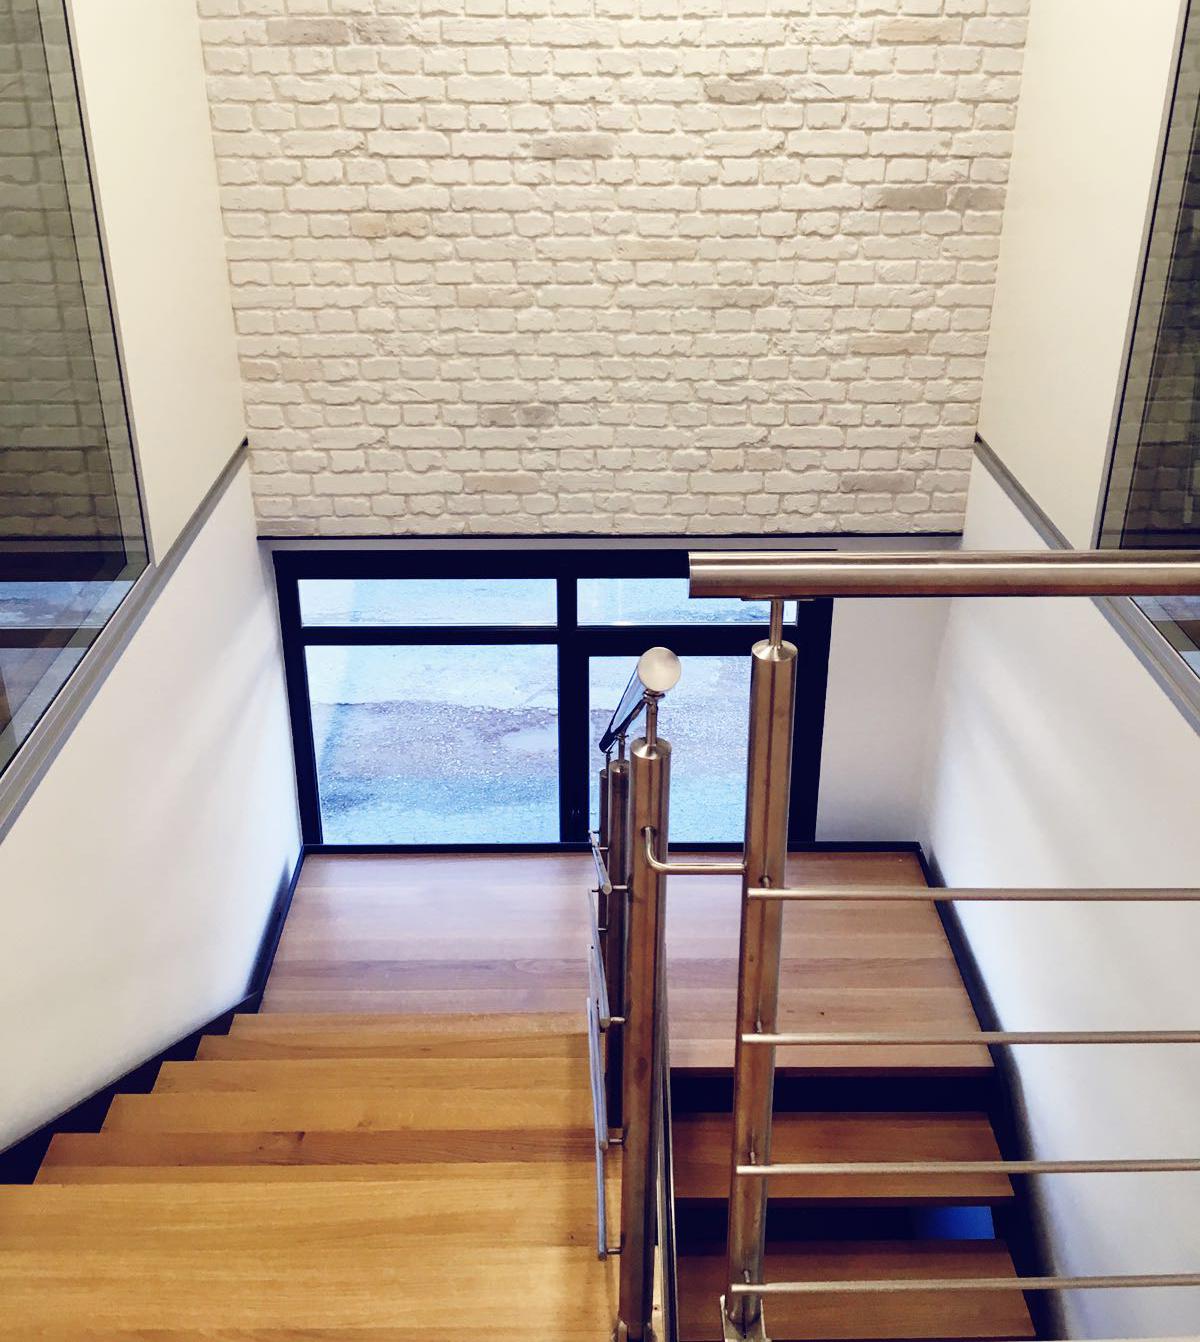 Escaleras metalicas interior escalera de caracol con - Escaleras de ladrillo ...